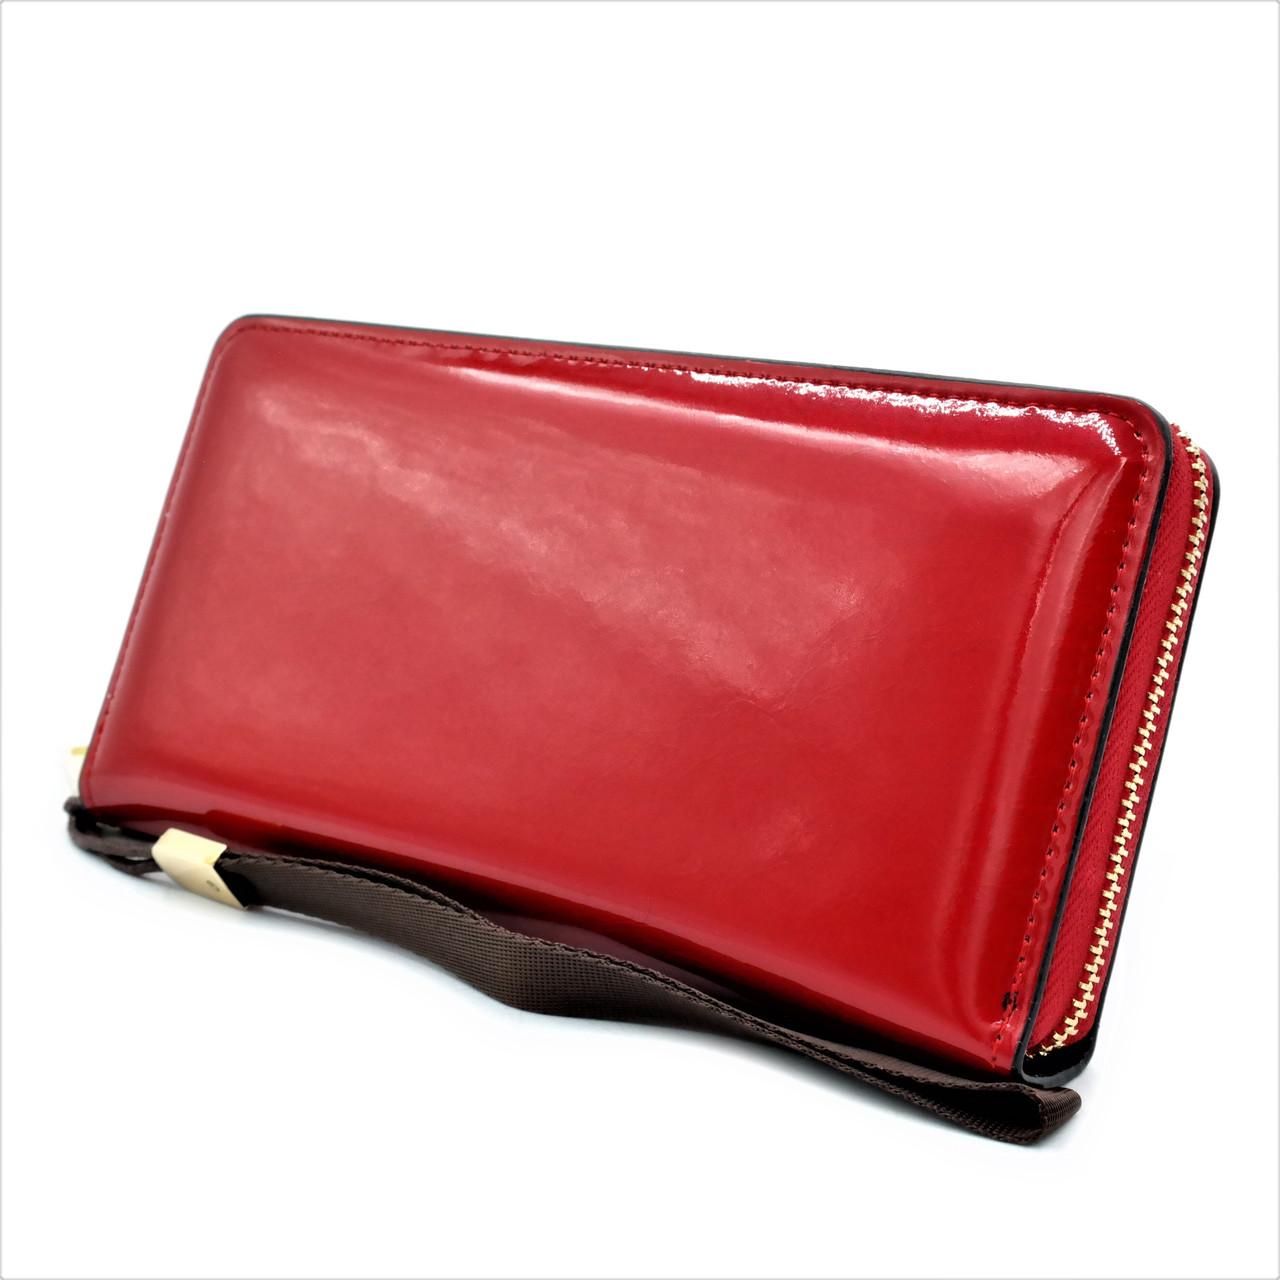 Женский кошелёк с ручкой Lemon красный Портмоне женское из экокожи Кошелёк с ручкой женский